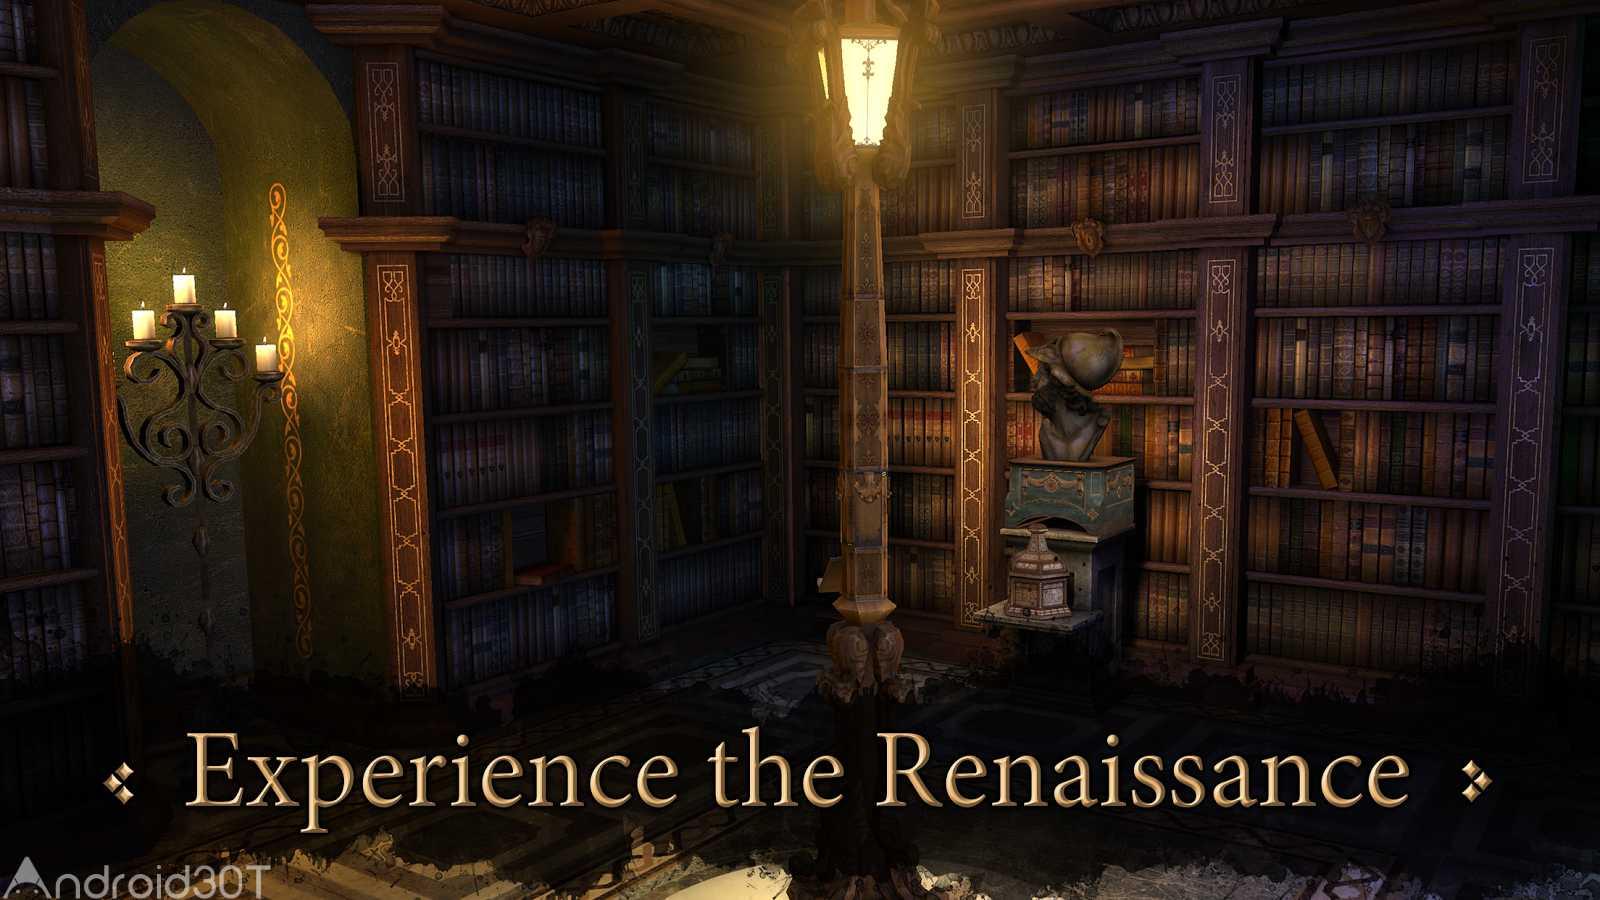 دانلود The House of Da Vinci 1.0 Full – بازی پازلی و ماجراجویی منزل داوینچی اندروید